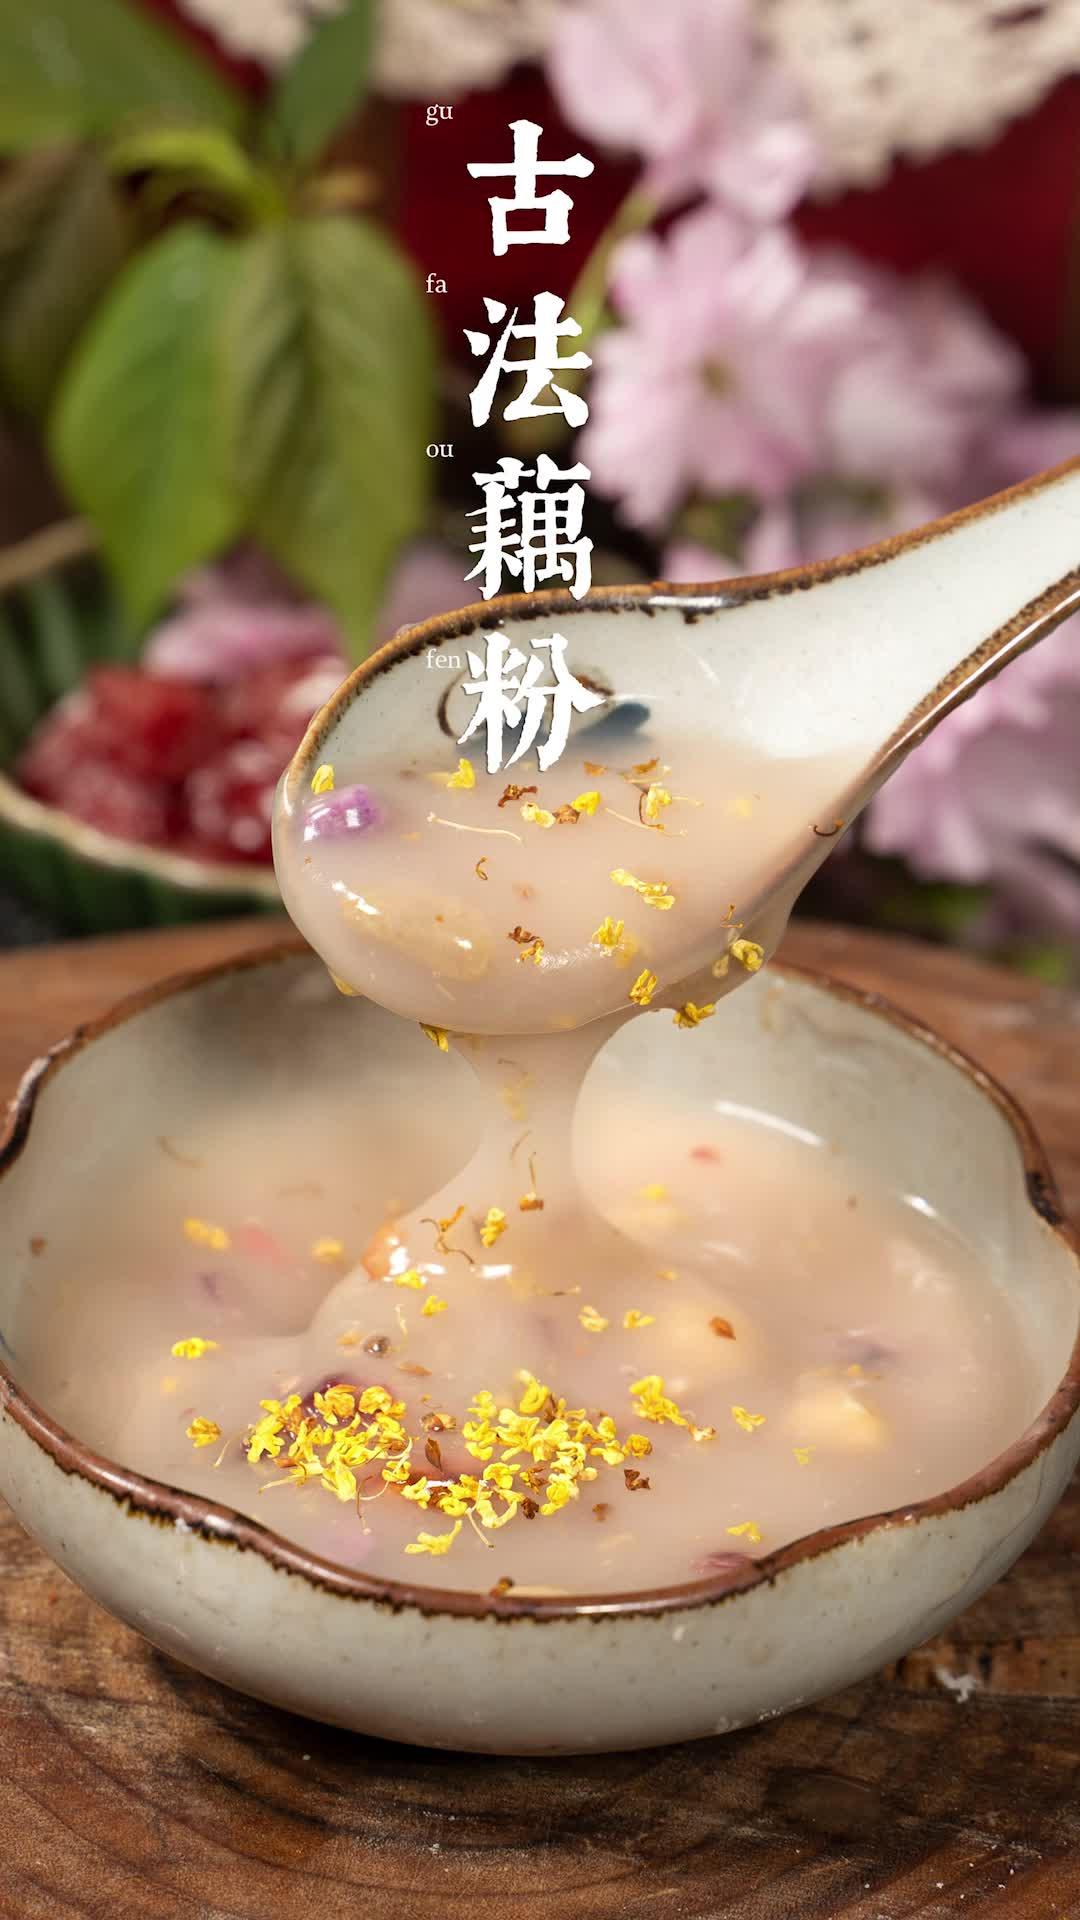 红豆品南国: 时值初春,品尝藕粉正当其时,尝一口,散发出清清甜甜藕香~#抖音美食创作人 #藕粉 #传统美食